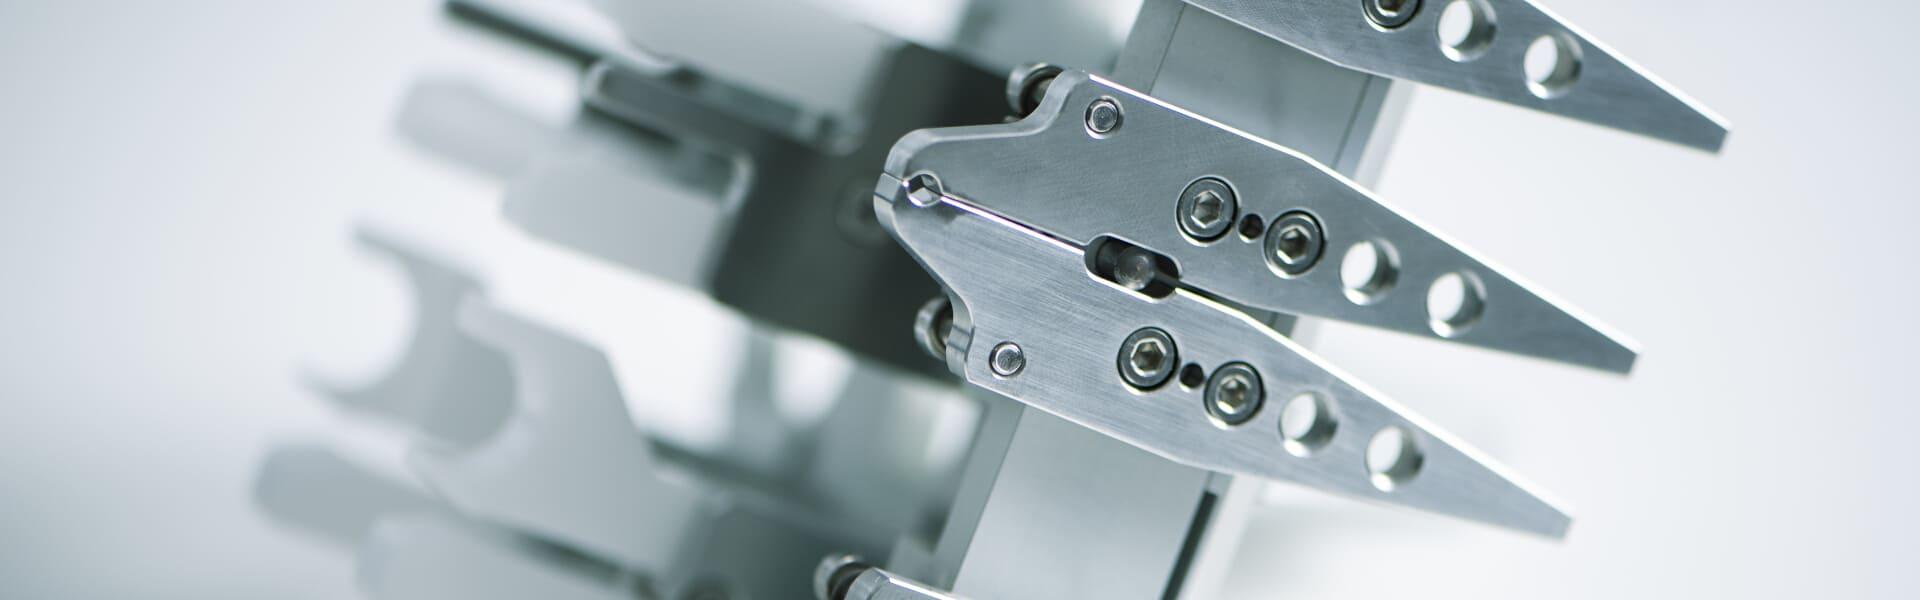 Bonding, Cutting, And Leak & Pressure Testing